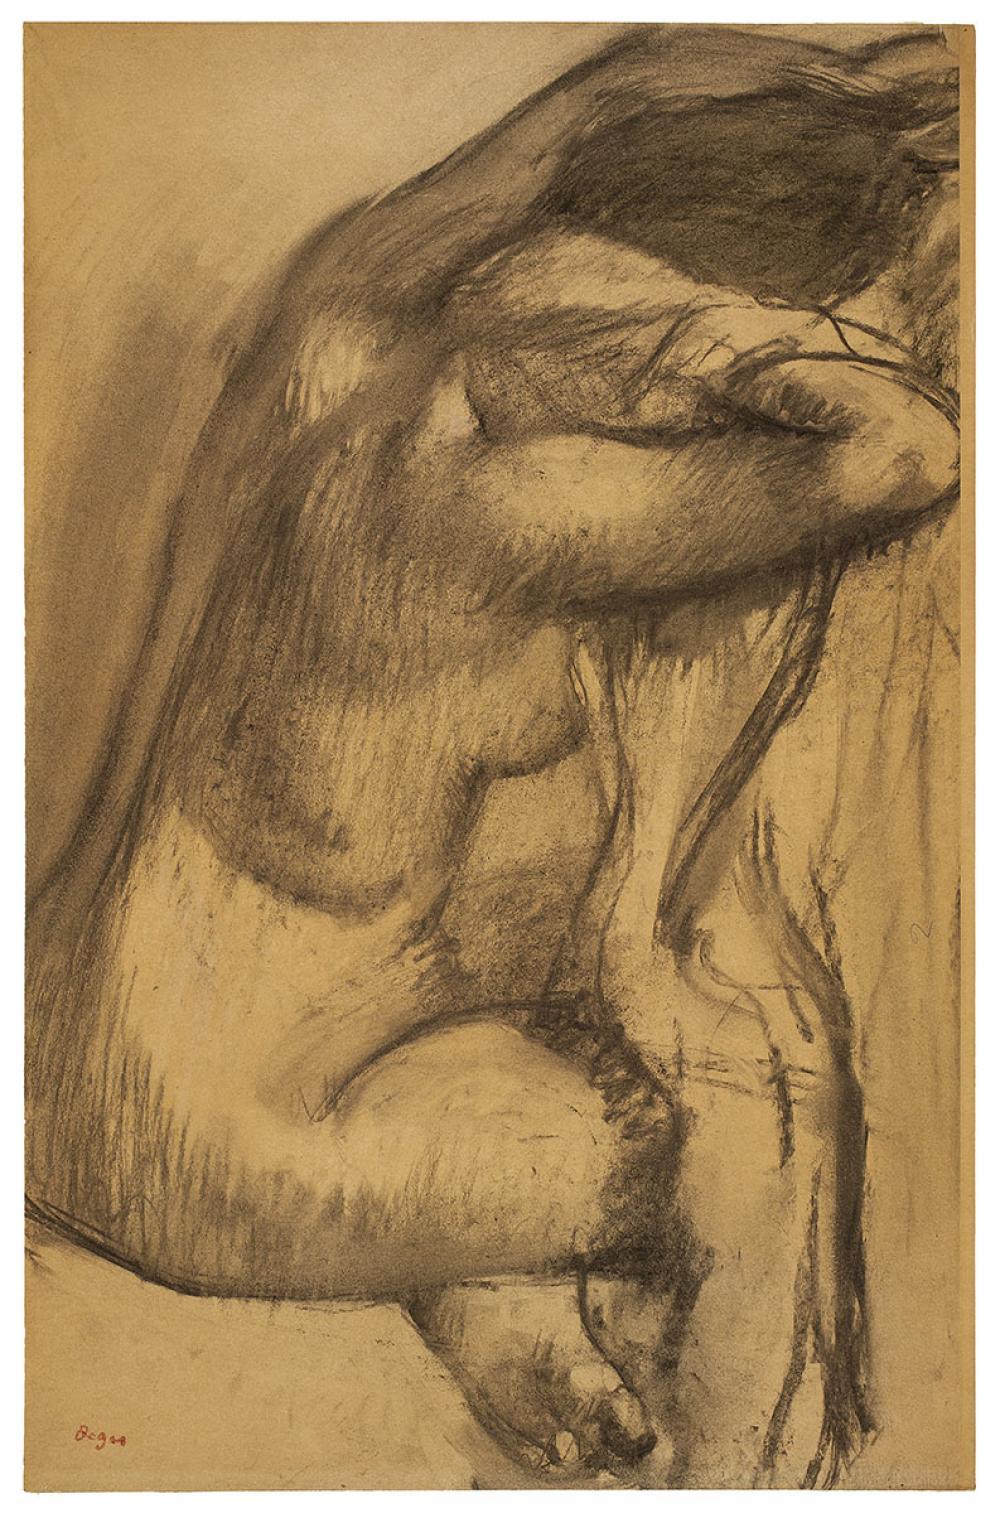 Edgar Degas, Après le bain [After the Bath]